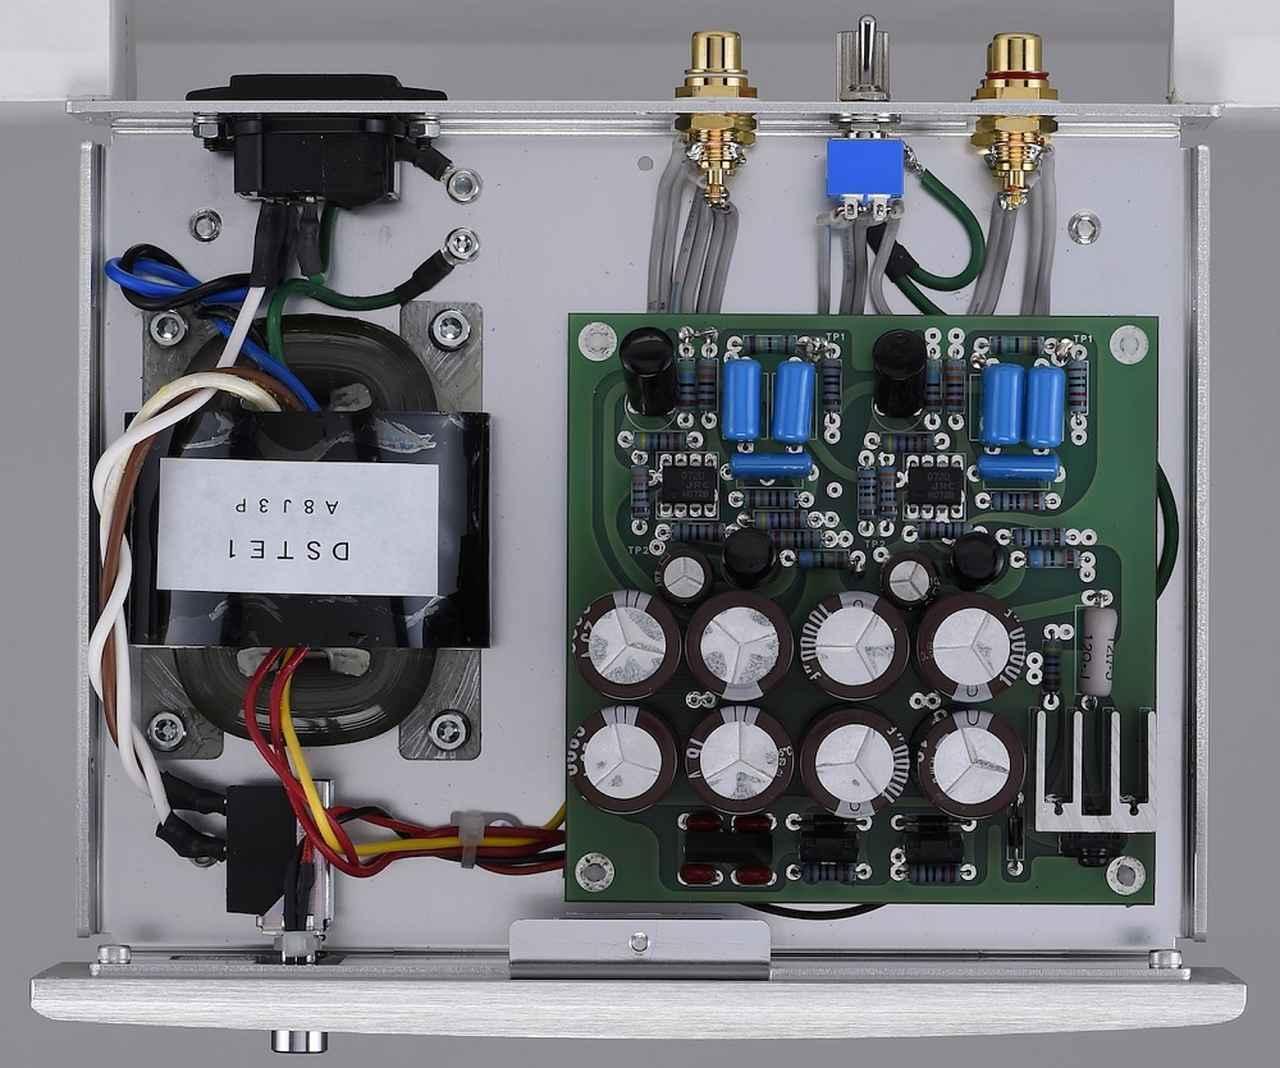 画像: イコライザー部の内部。増幅素子にオペアンプを採用することで部品点数を削減。電源トランスにはリーケージフラックスの少ないRコアトランスを採用する。